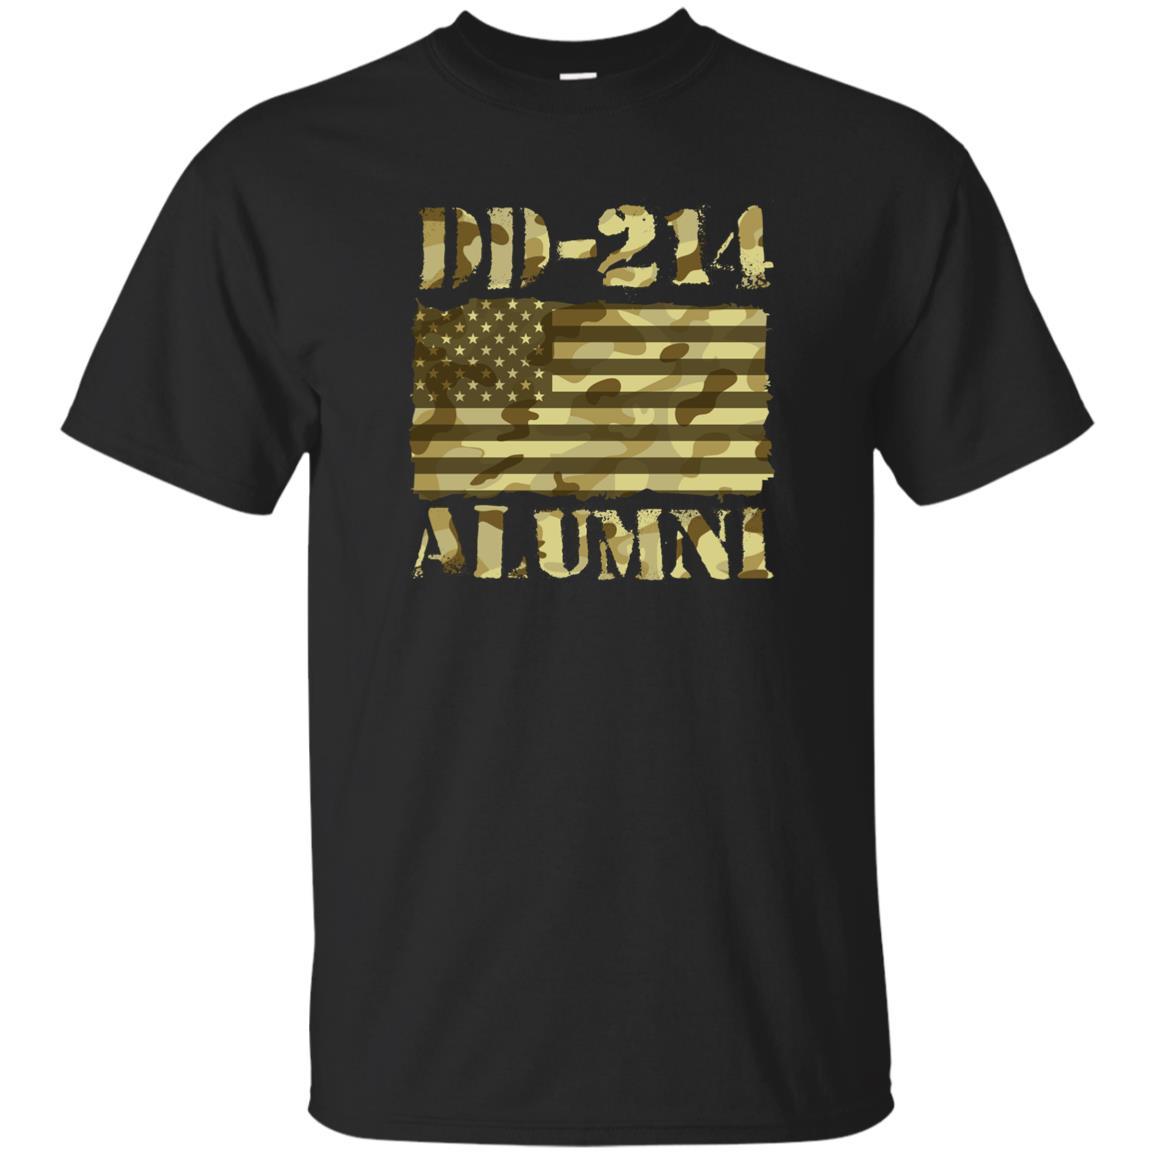 Dd-214 Us Alumni Retired Veterans Gift Unisex Short Sleeve